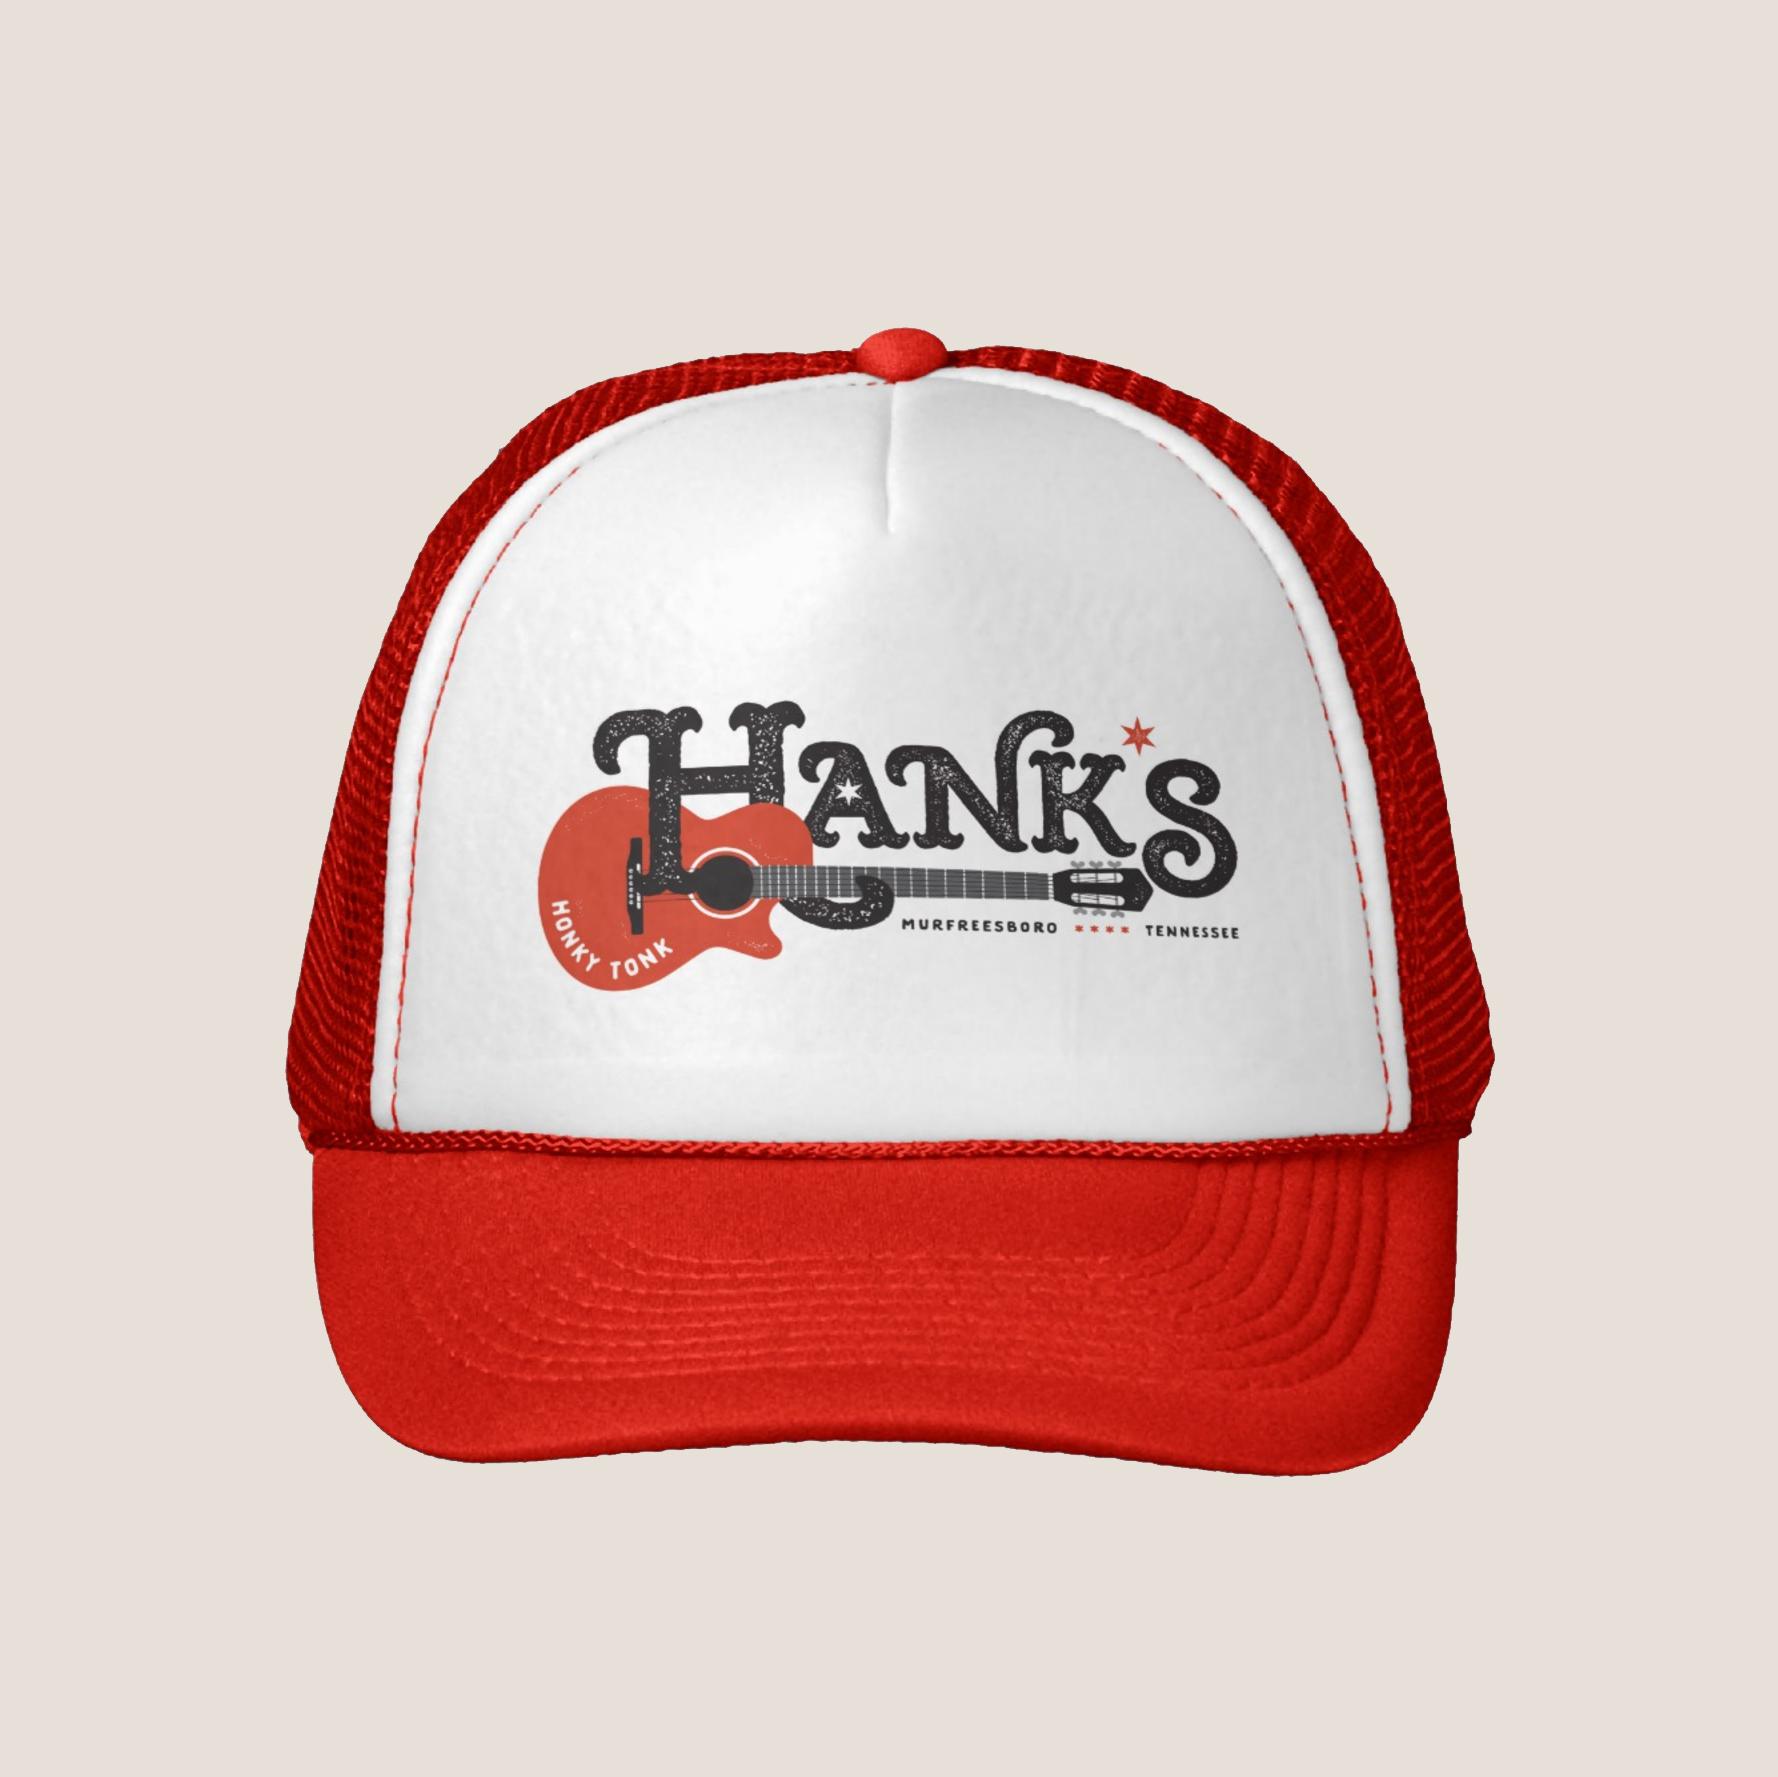 Hank*s Red Guitar Trucker| $14.95